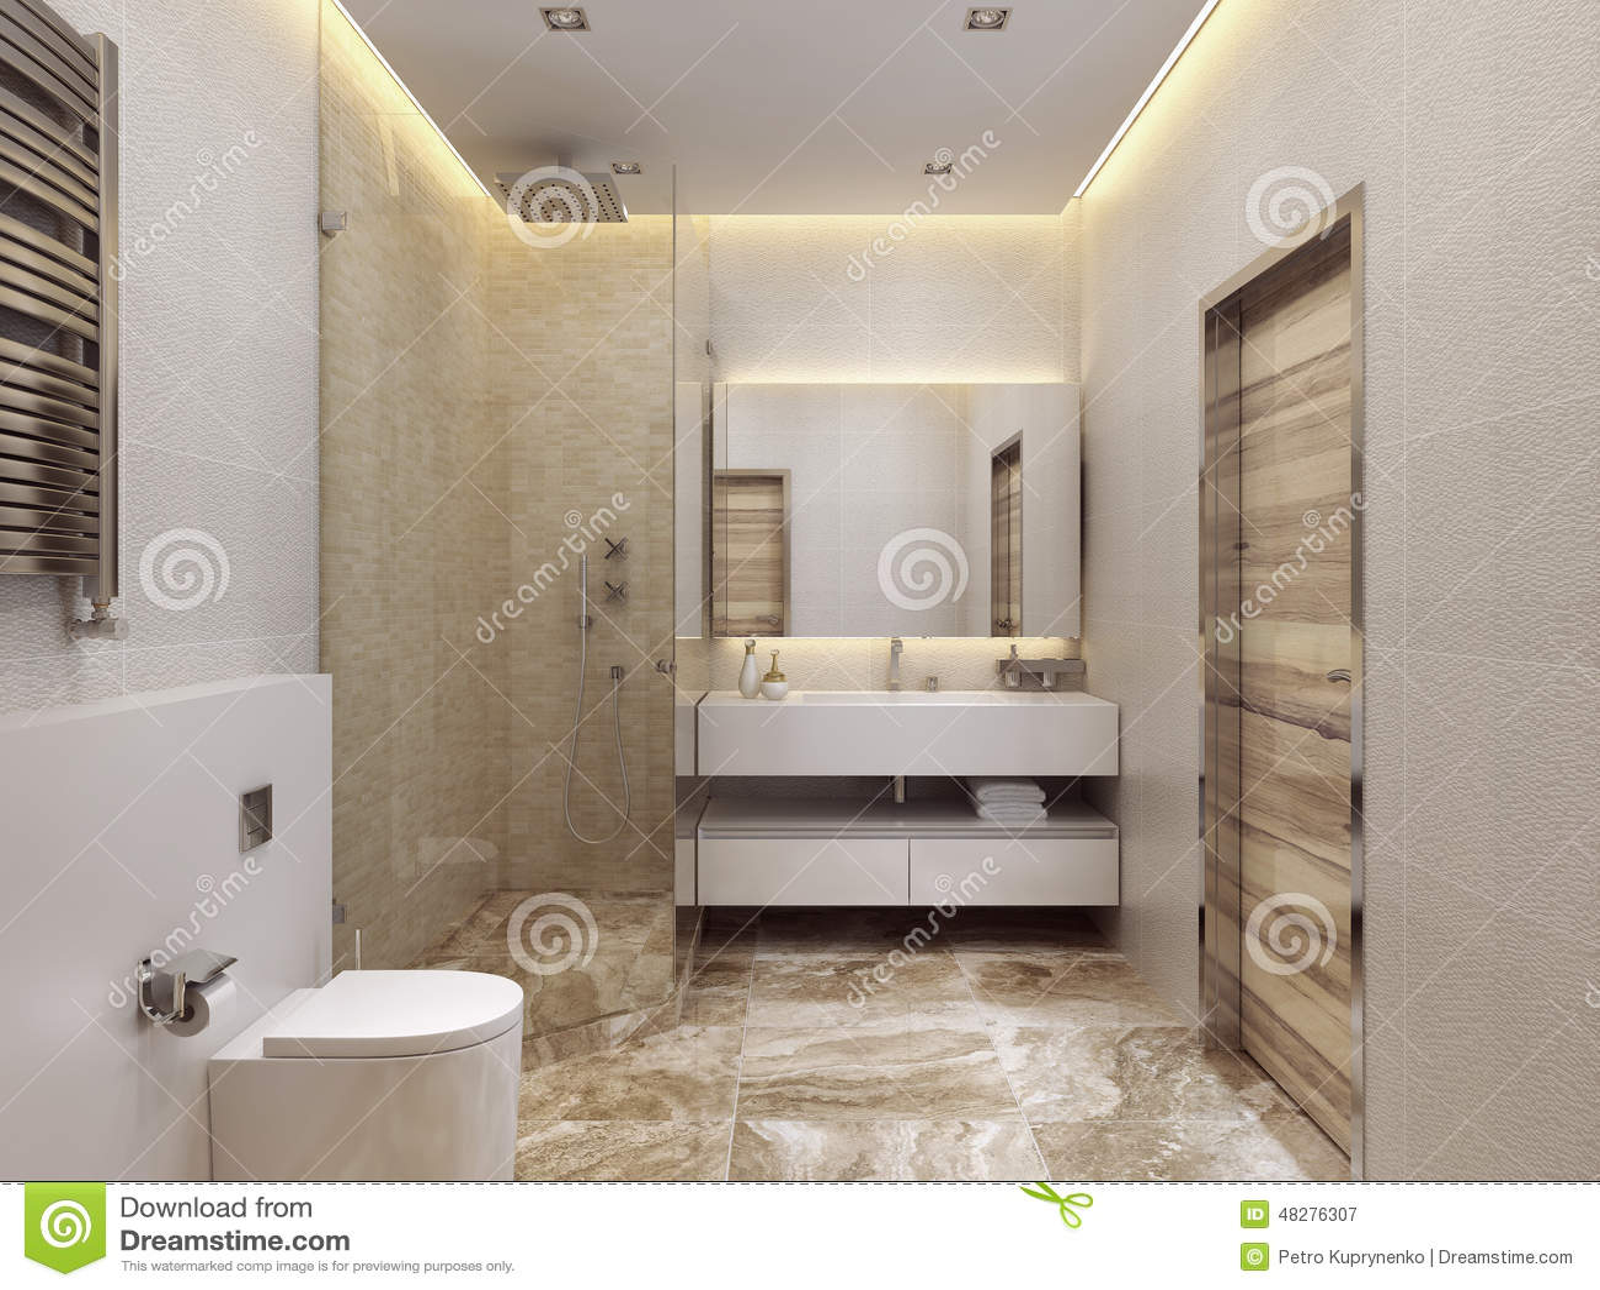 Stile contemporaneo del bagno illustrazione di stock immagine 48276307 - Bagno contemporaneo ...